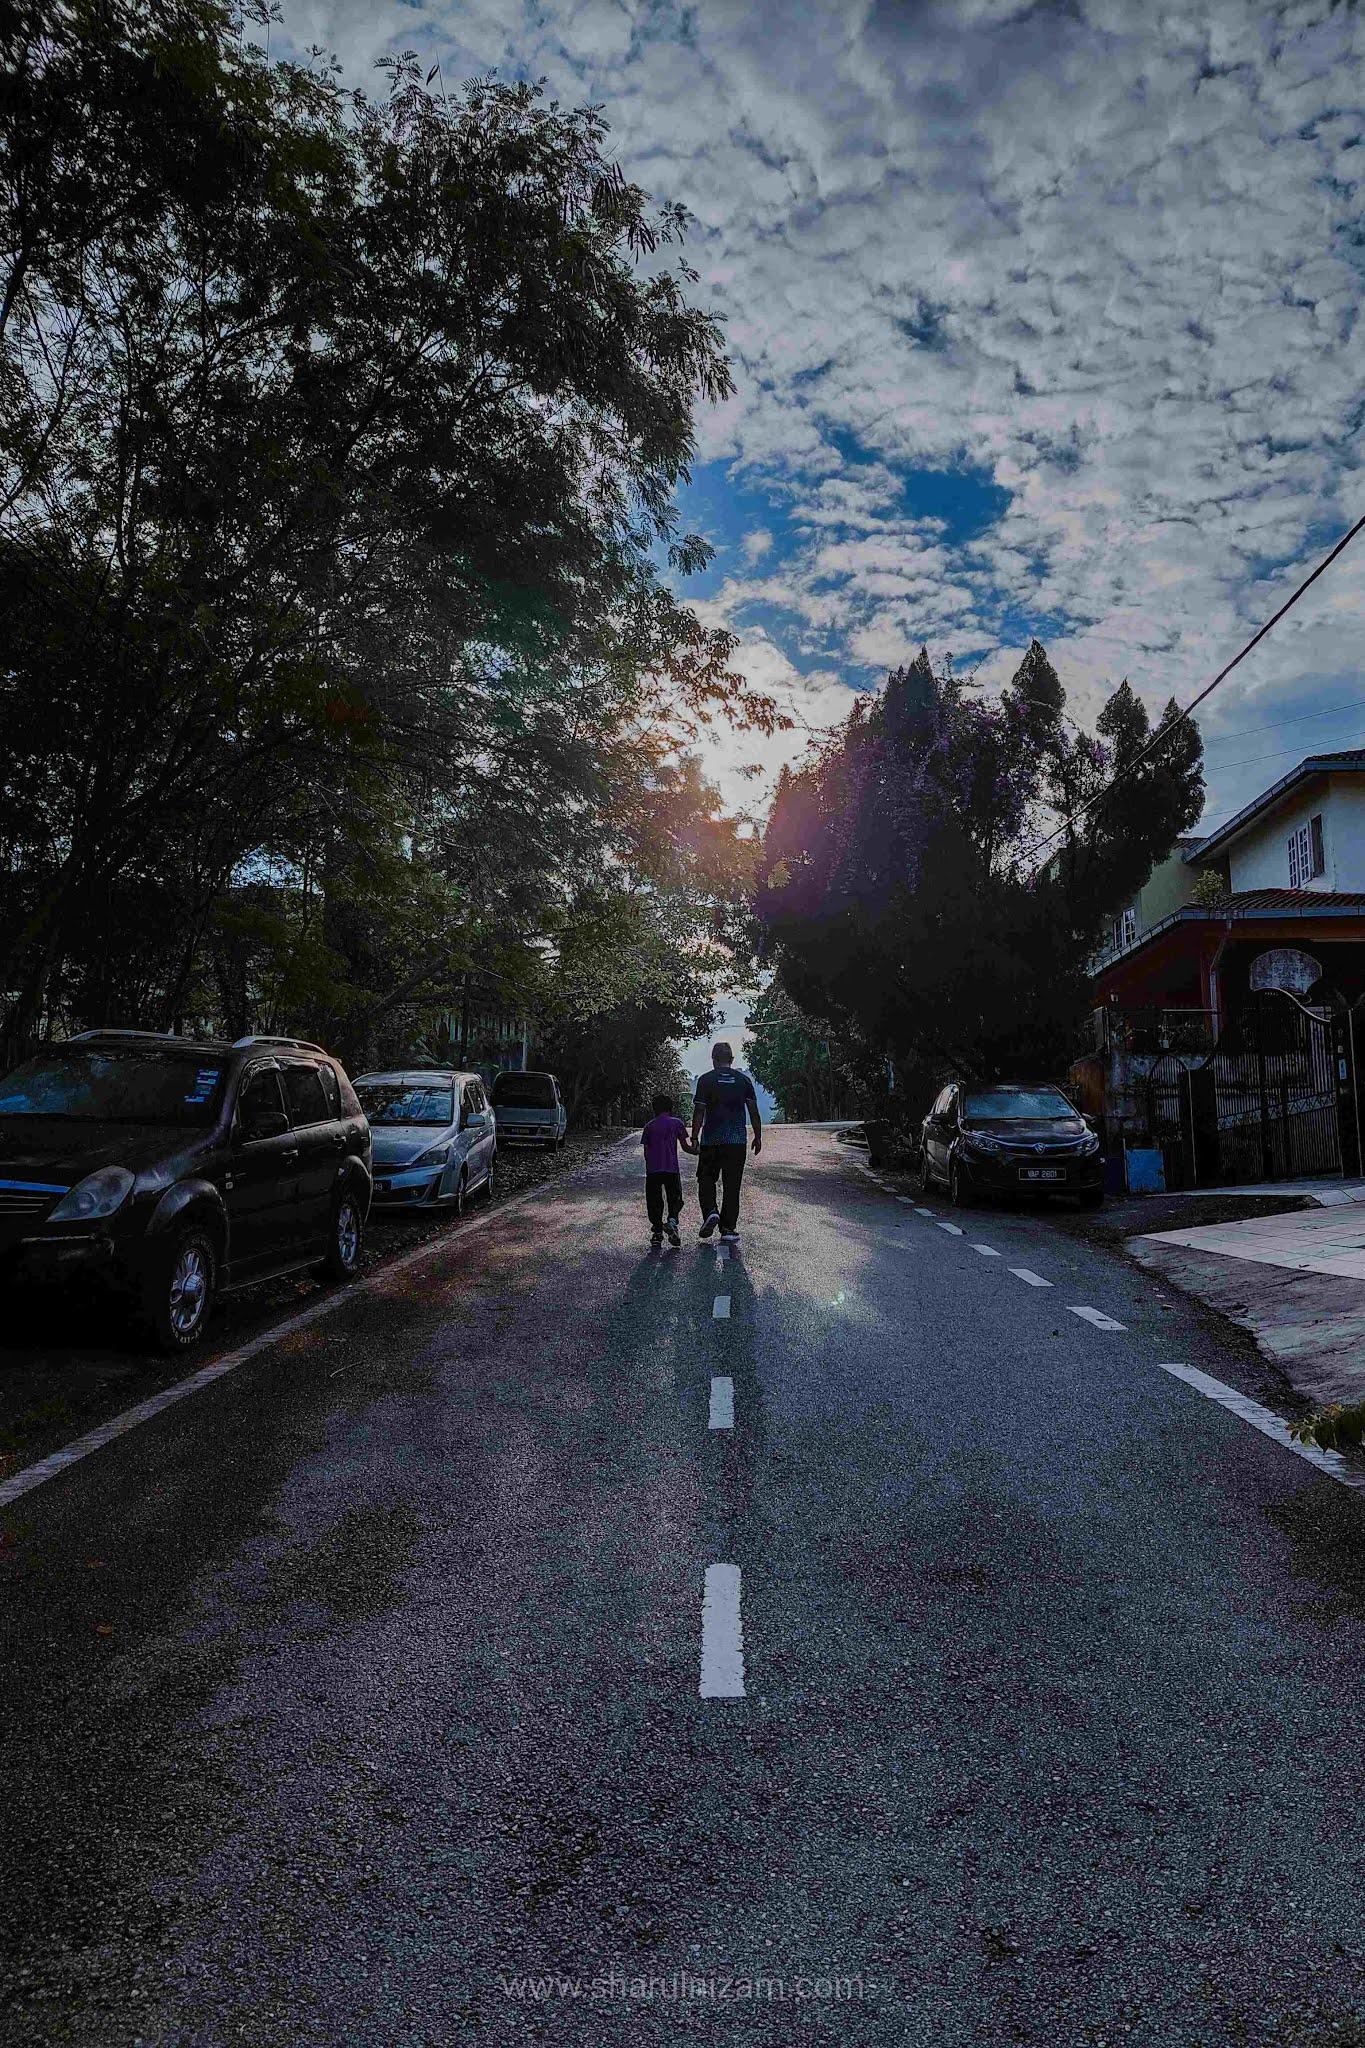 Kelebihan Brisk Walk Bersama Anak Dan Isteri. Single Pun Boleh.